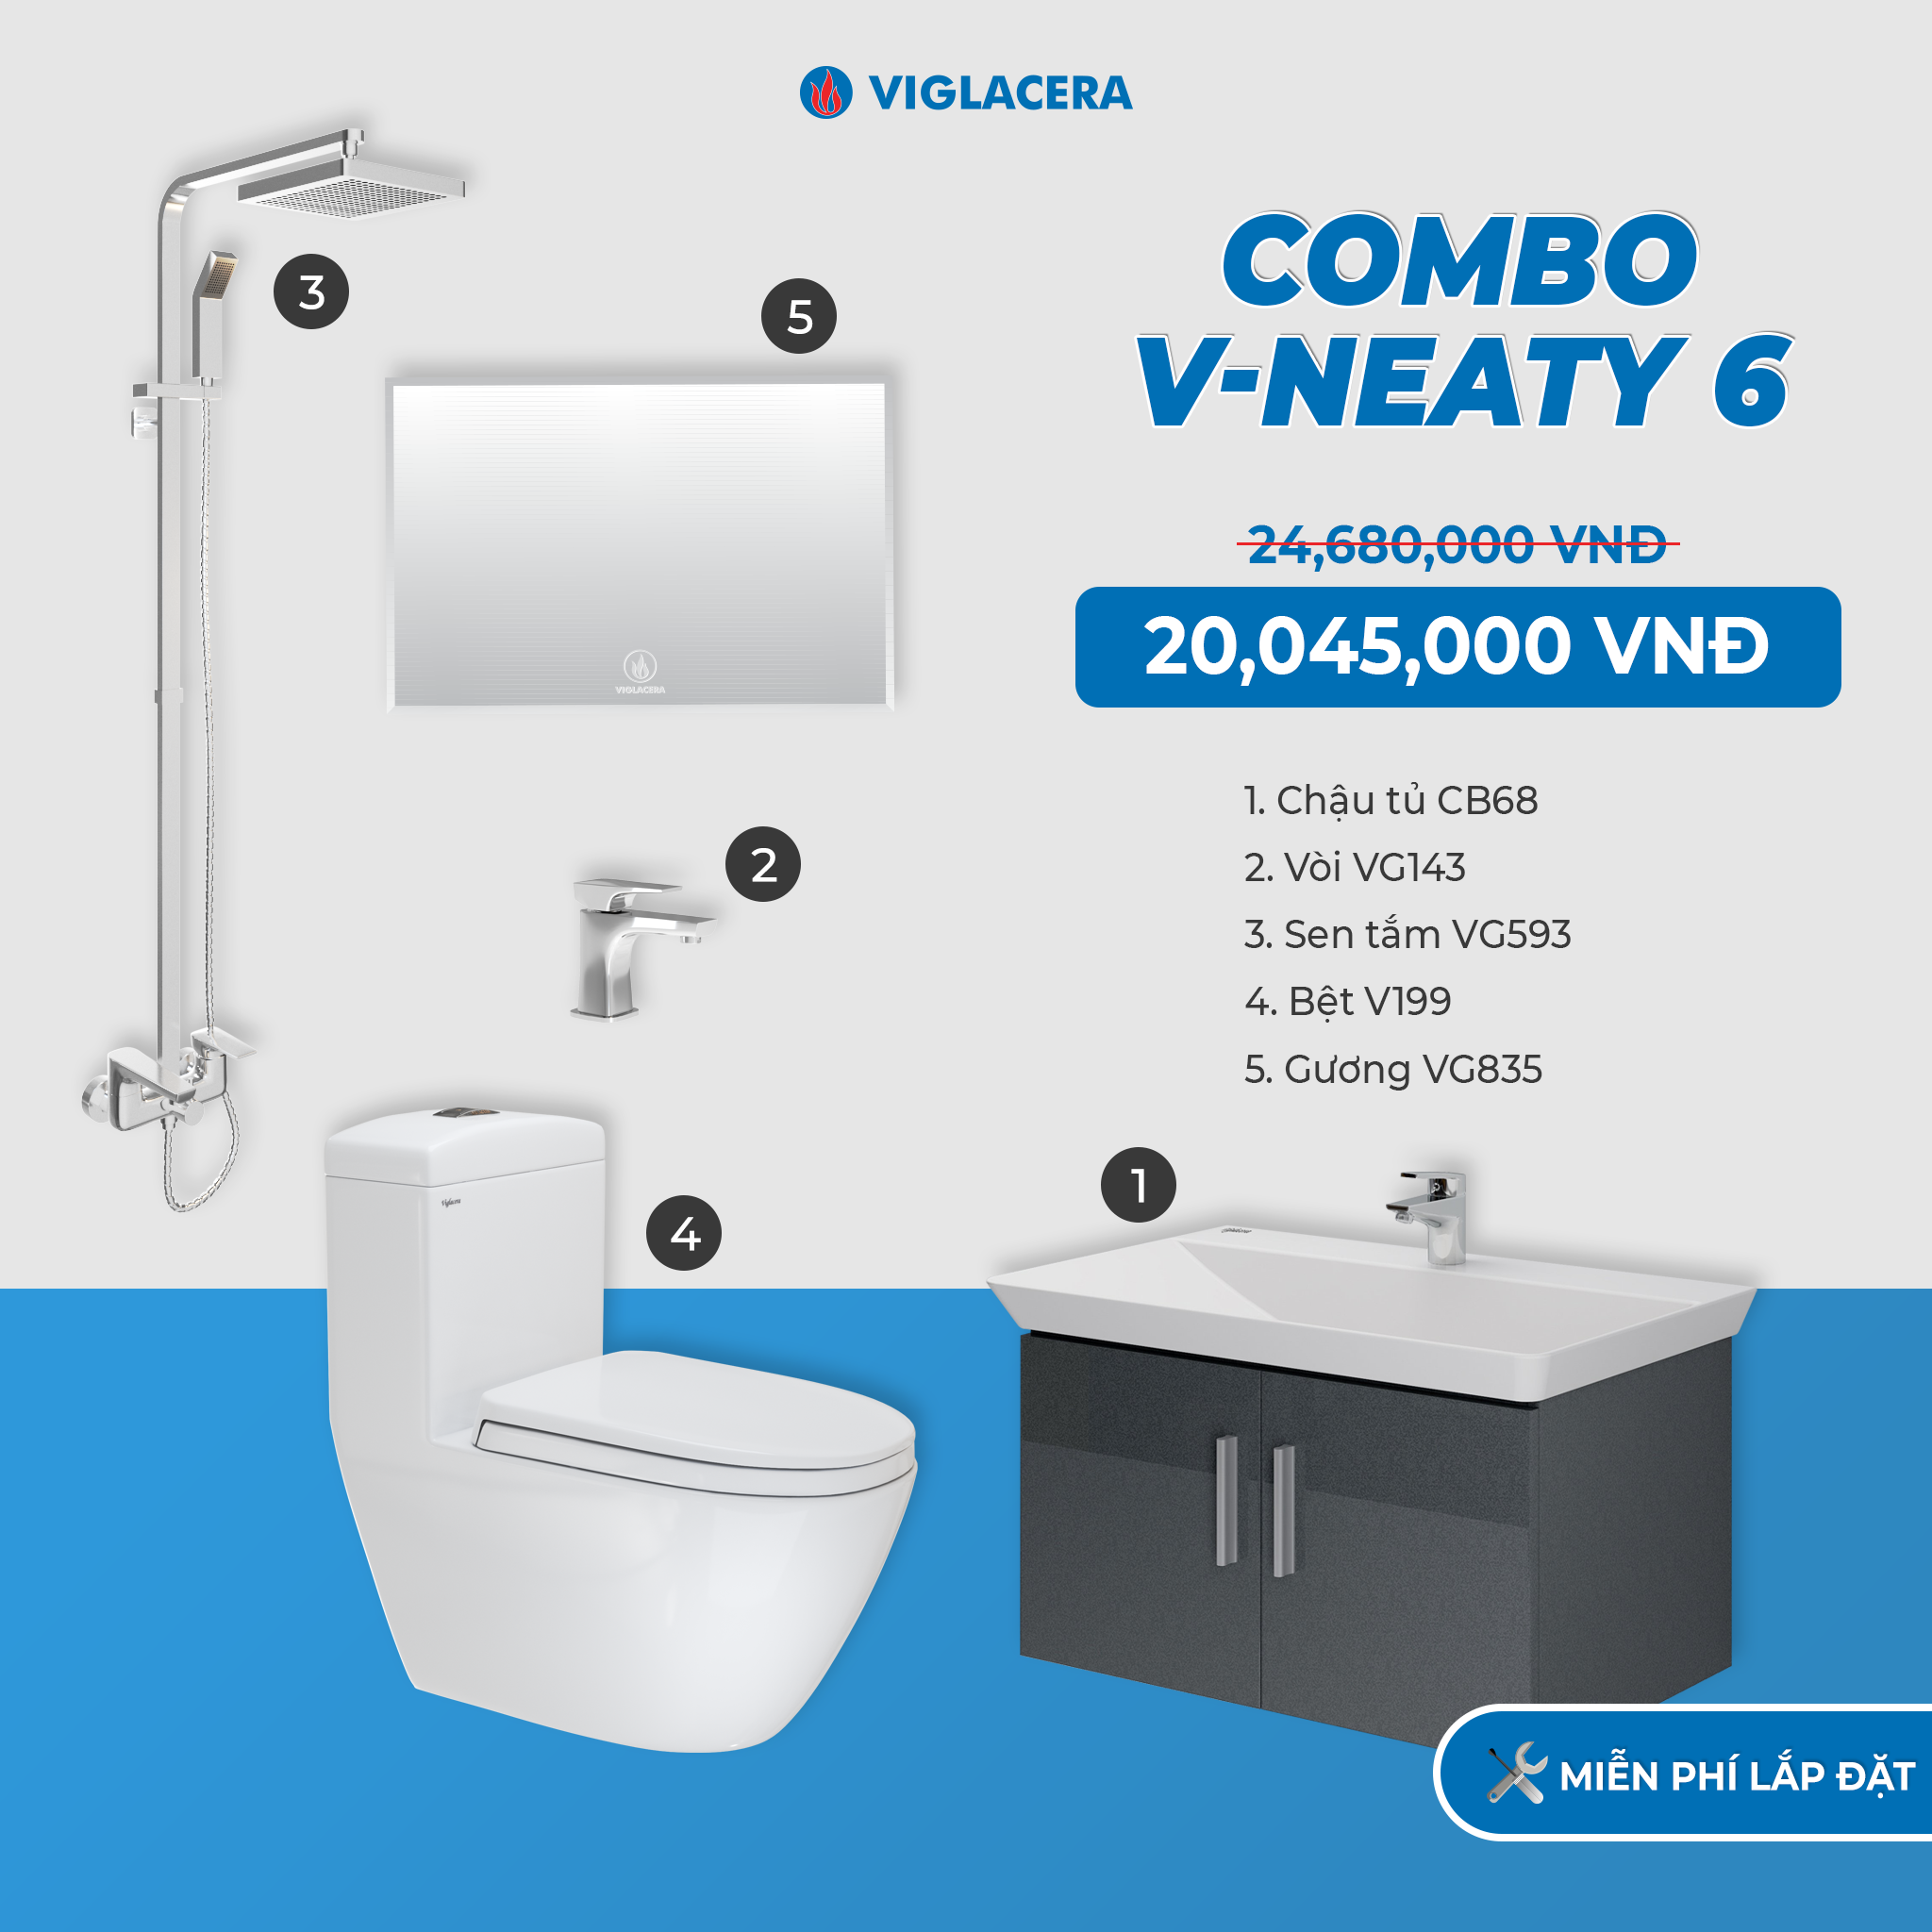 Combo V-NEATY 6